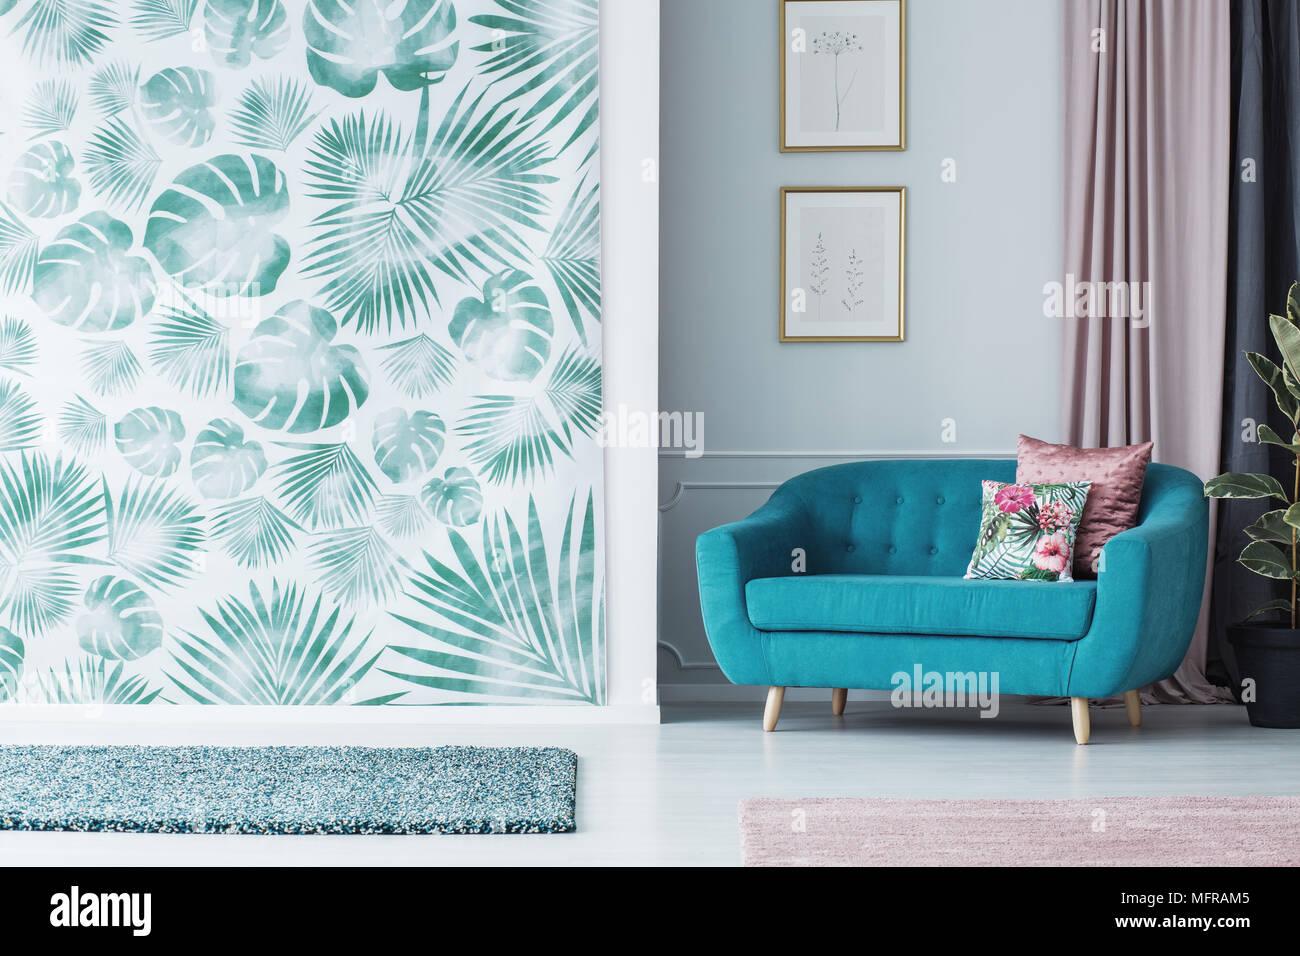 Türkis Sofa im grünen Wohnzimmer Einrichtung mit grünen Tapeten und ...